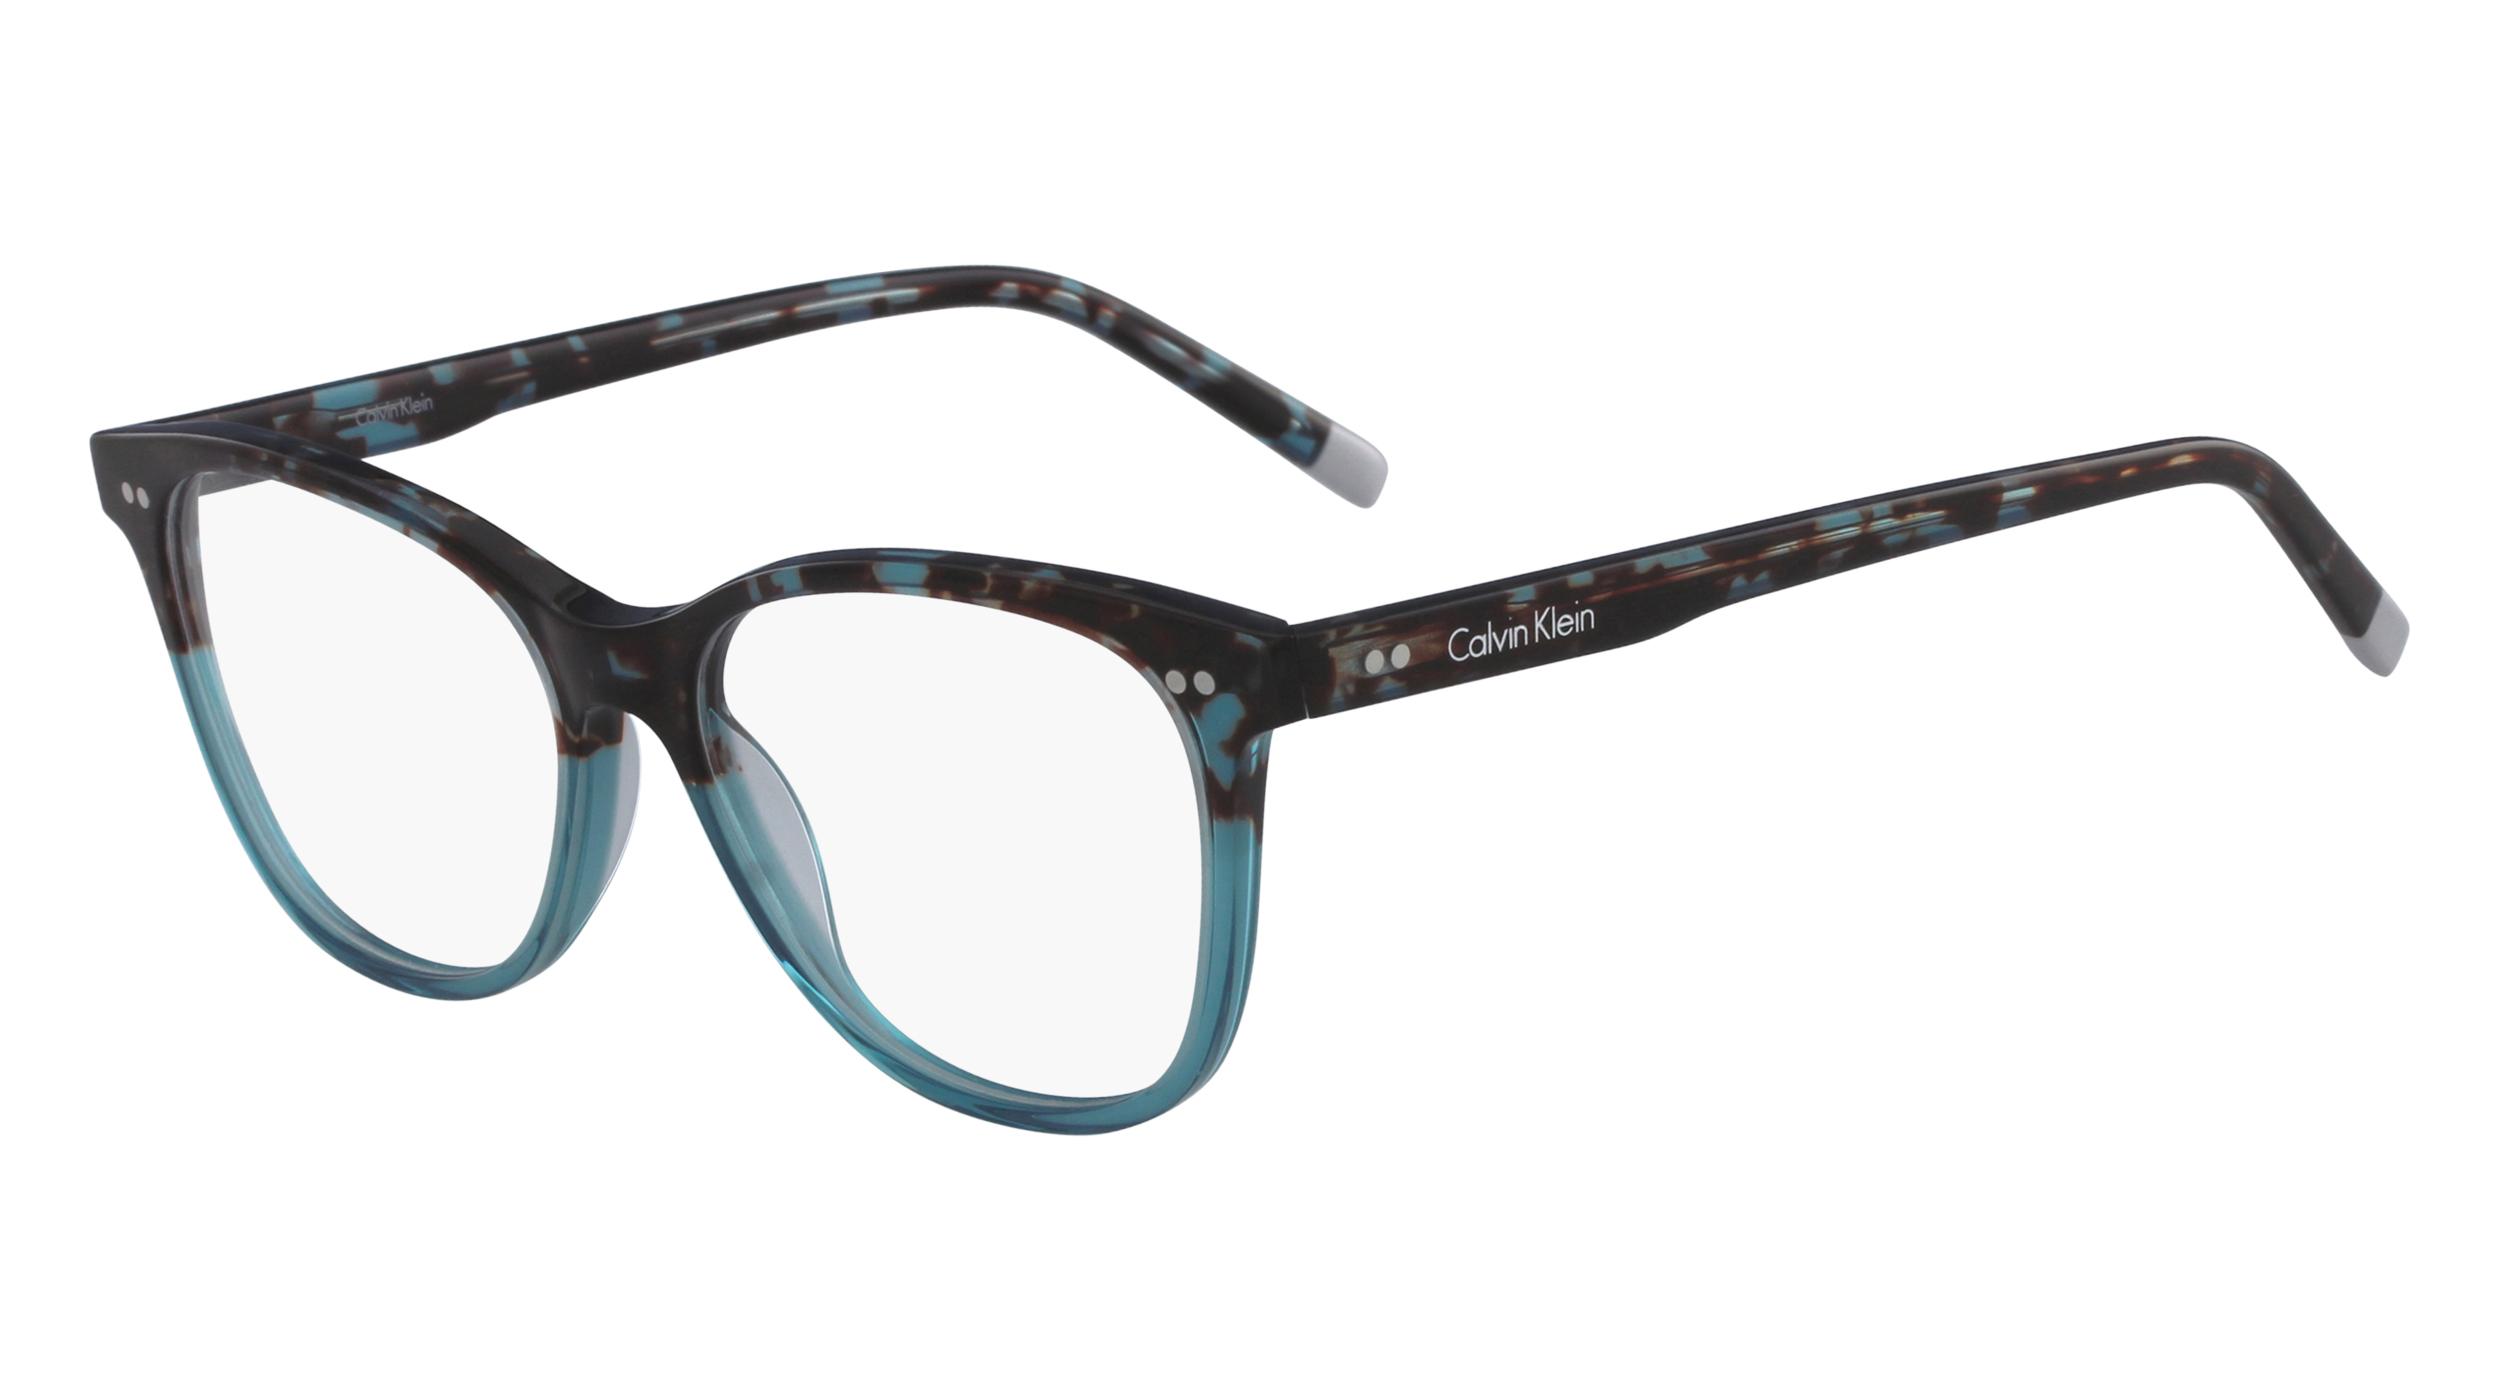 71636b58cb Calvin Klein 2018 Eyewear